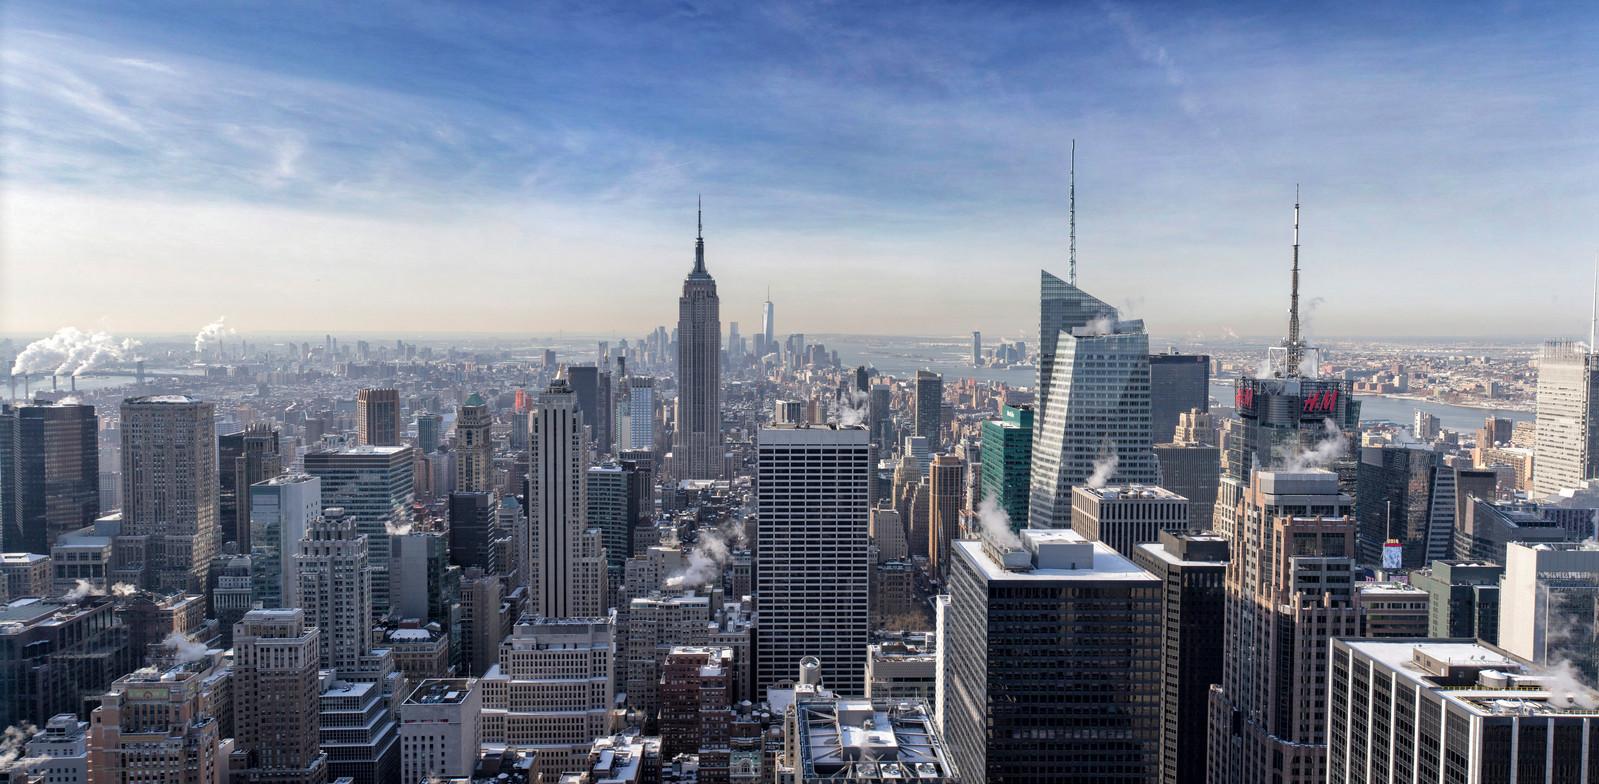 New York Skyline vanaf Top of the Rock, Rockefeller Center.